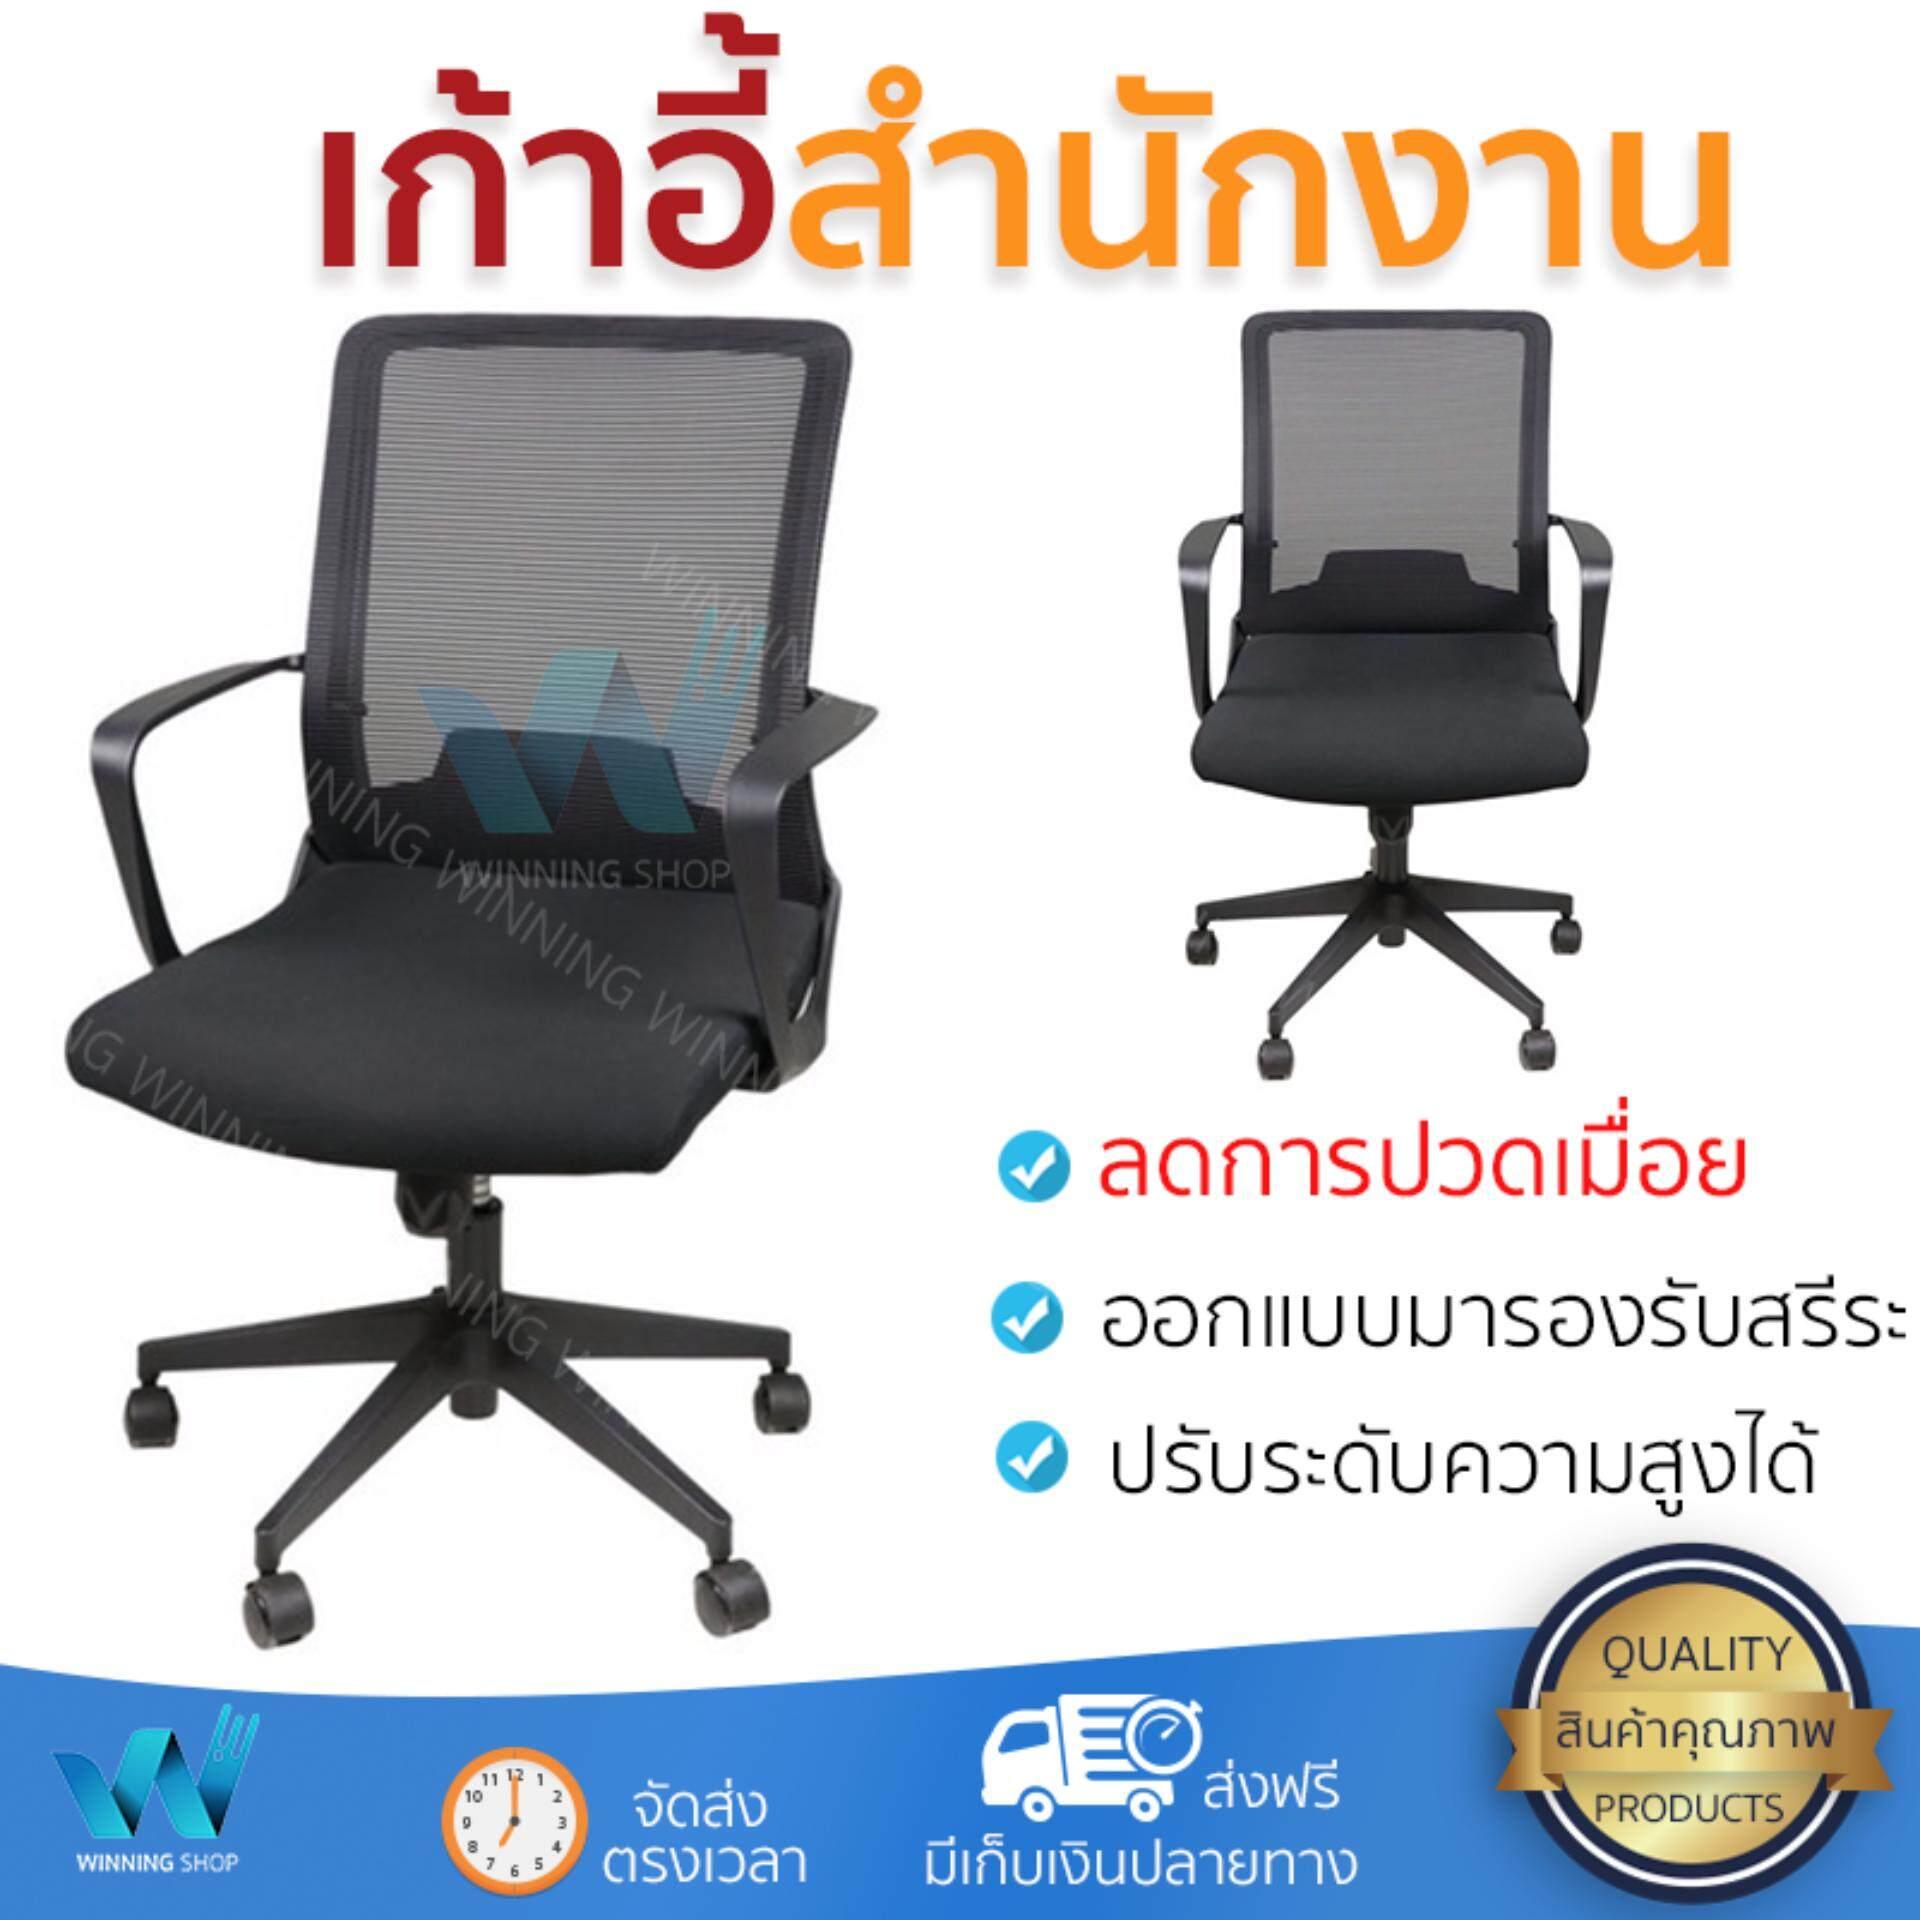 ราคาพิเศษ เก้าอี้ทำงาน เก้าอี้สำนักงาน เก้าอี้สำนักงาน SVEN D1-388BB NET/ผ้าดำ | FURDINI | D1-388BB BLACK ลดอาการปวดเมื่อยลำคอและไหล่ เบาะนุ่มกำลังดี นั่งสบาย ไม่อึดอัด ปรับระดับความสูงได้ Office Cha